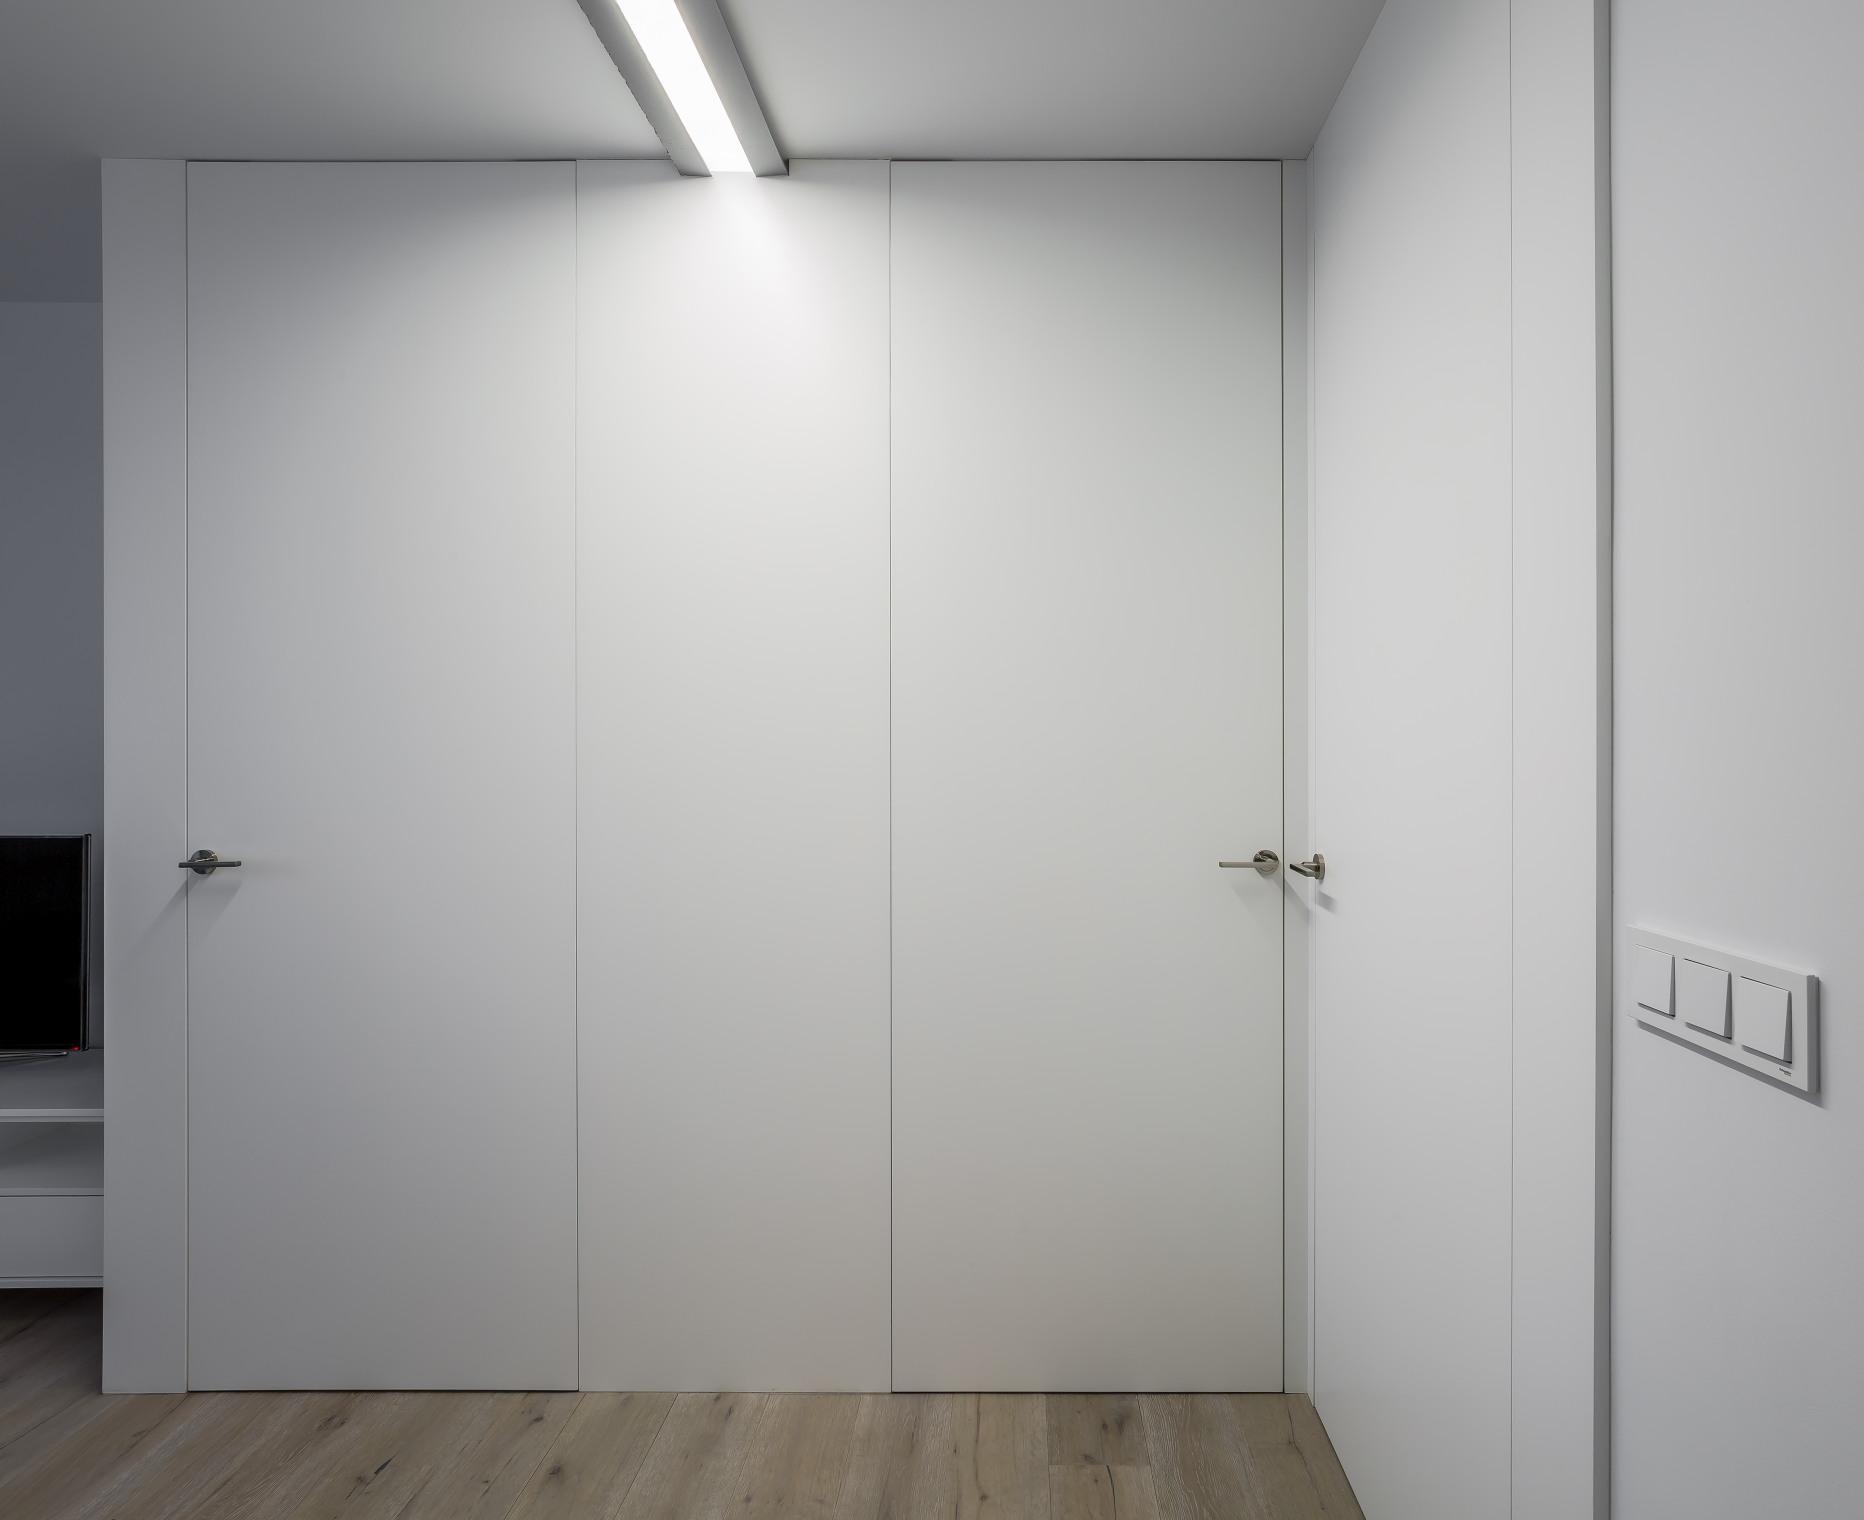 fotografia-arquitectura-valencia-german-cabo-ambau-gordillo (33)